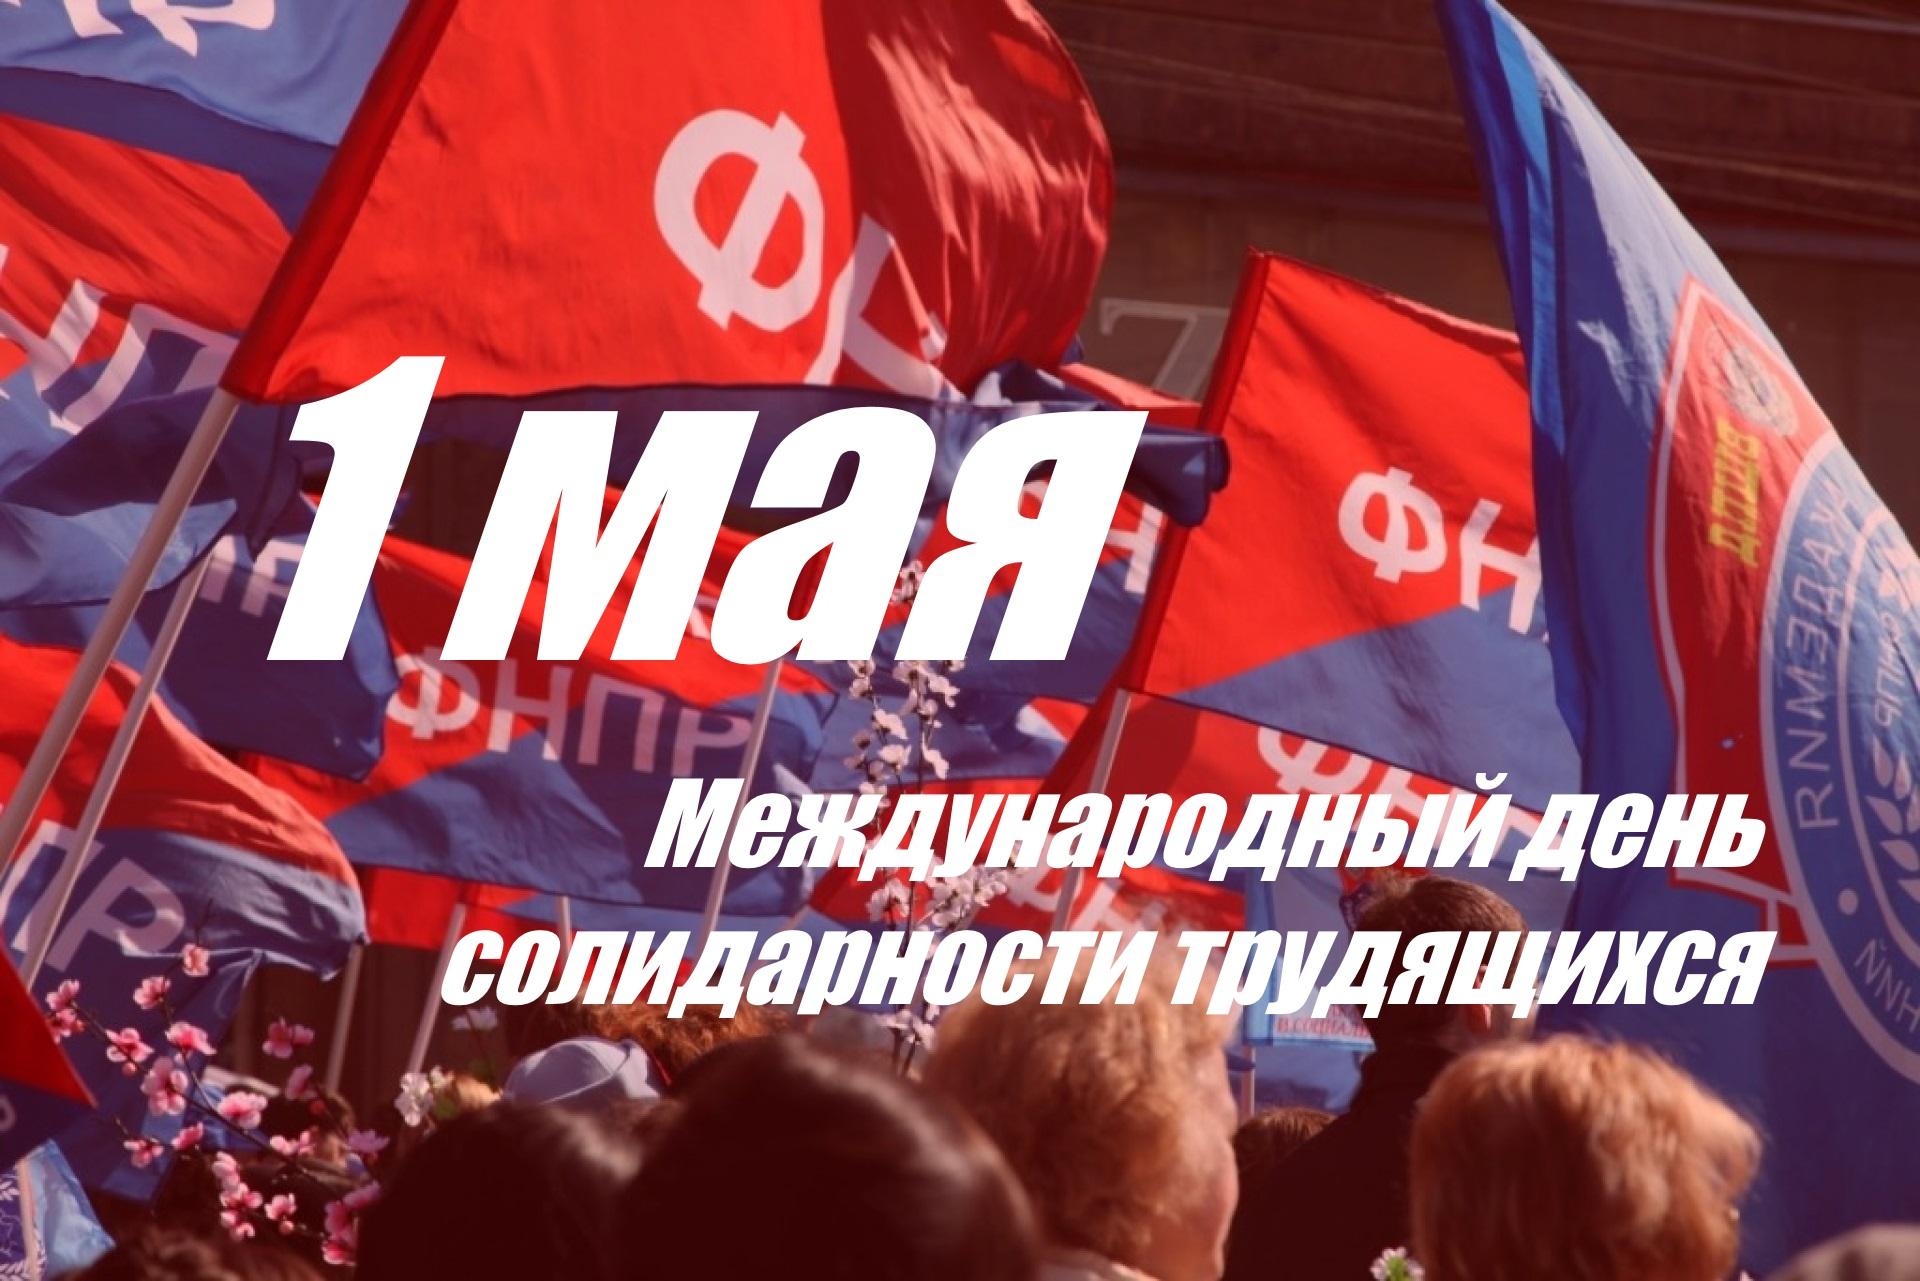 встречали поздравления с днем солидарности трудящихся 1 мая это удивительное своим